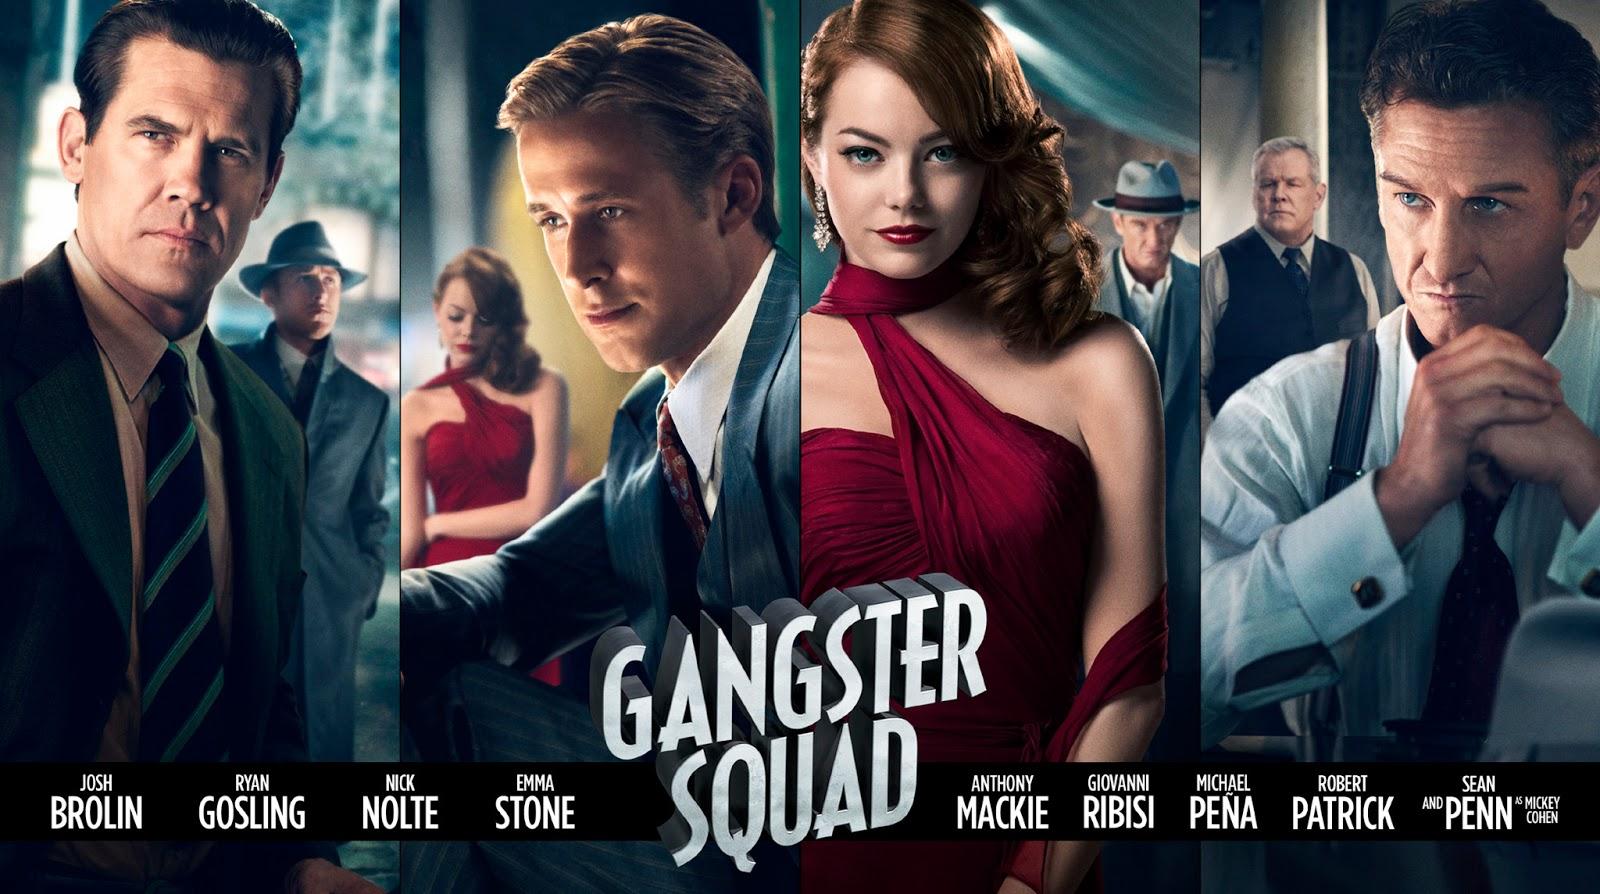 http://2.bp.blogspot.com/-UdrzMVvGqP8/UQhsao53FDI/AAAAAAAAHWo/WqiojHPJJjQ/s1600/gangster-squad-poster-banner.jpg